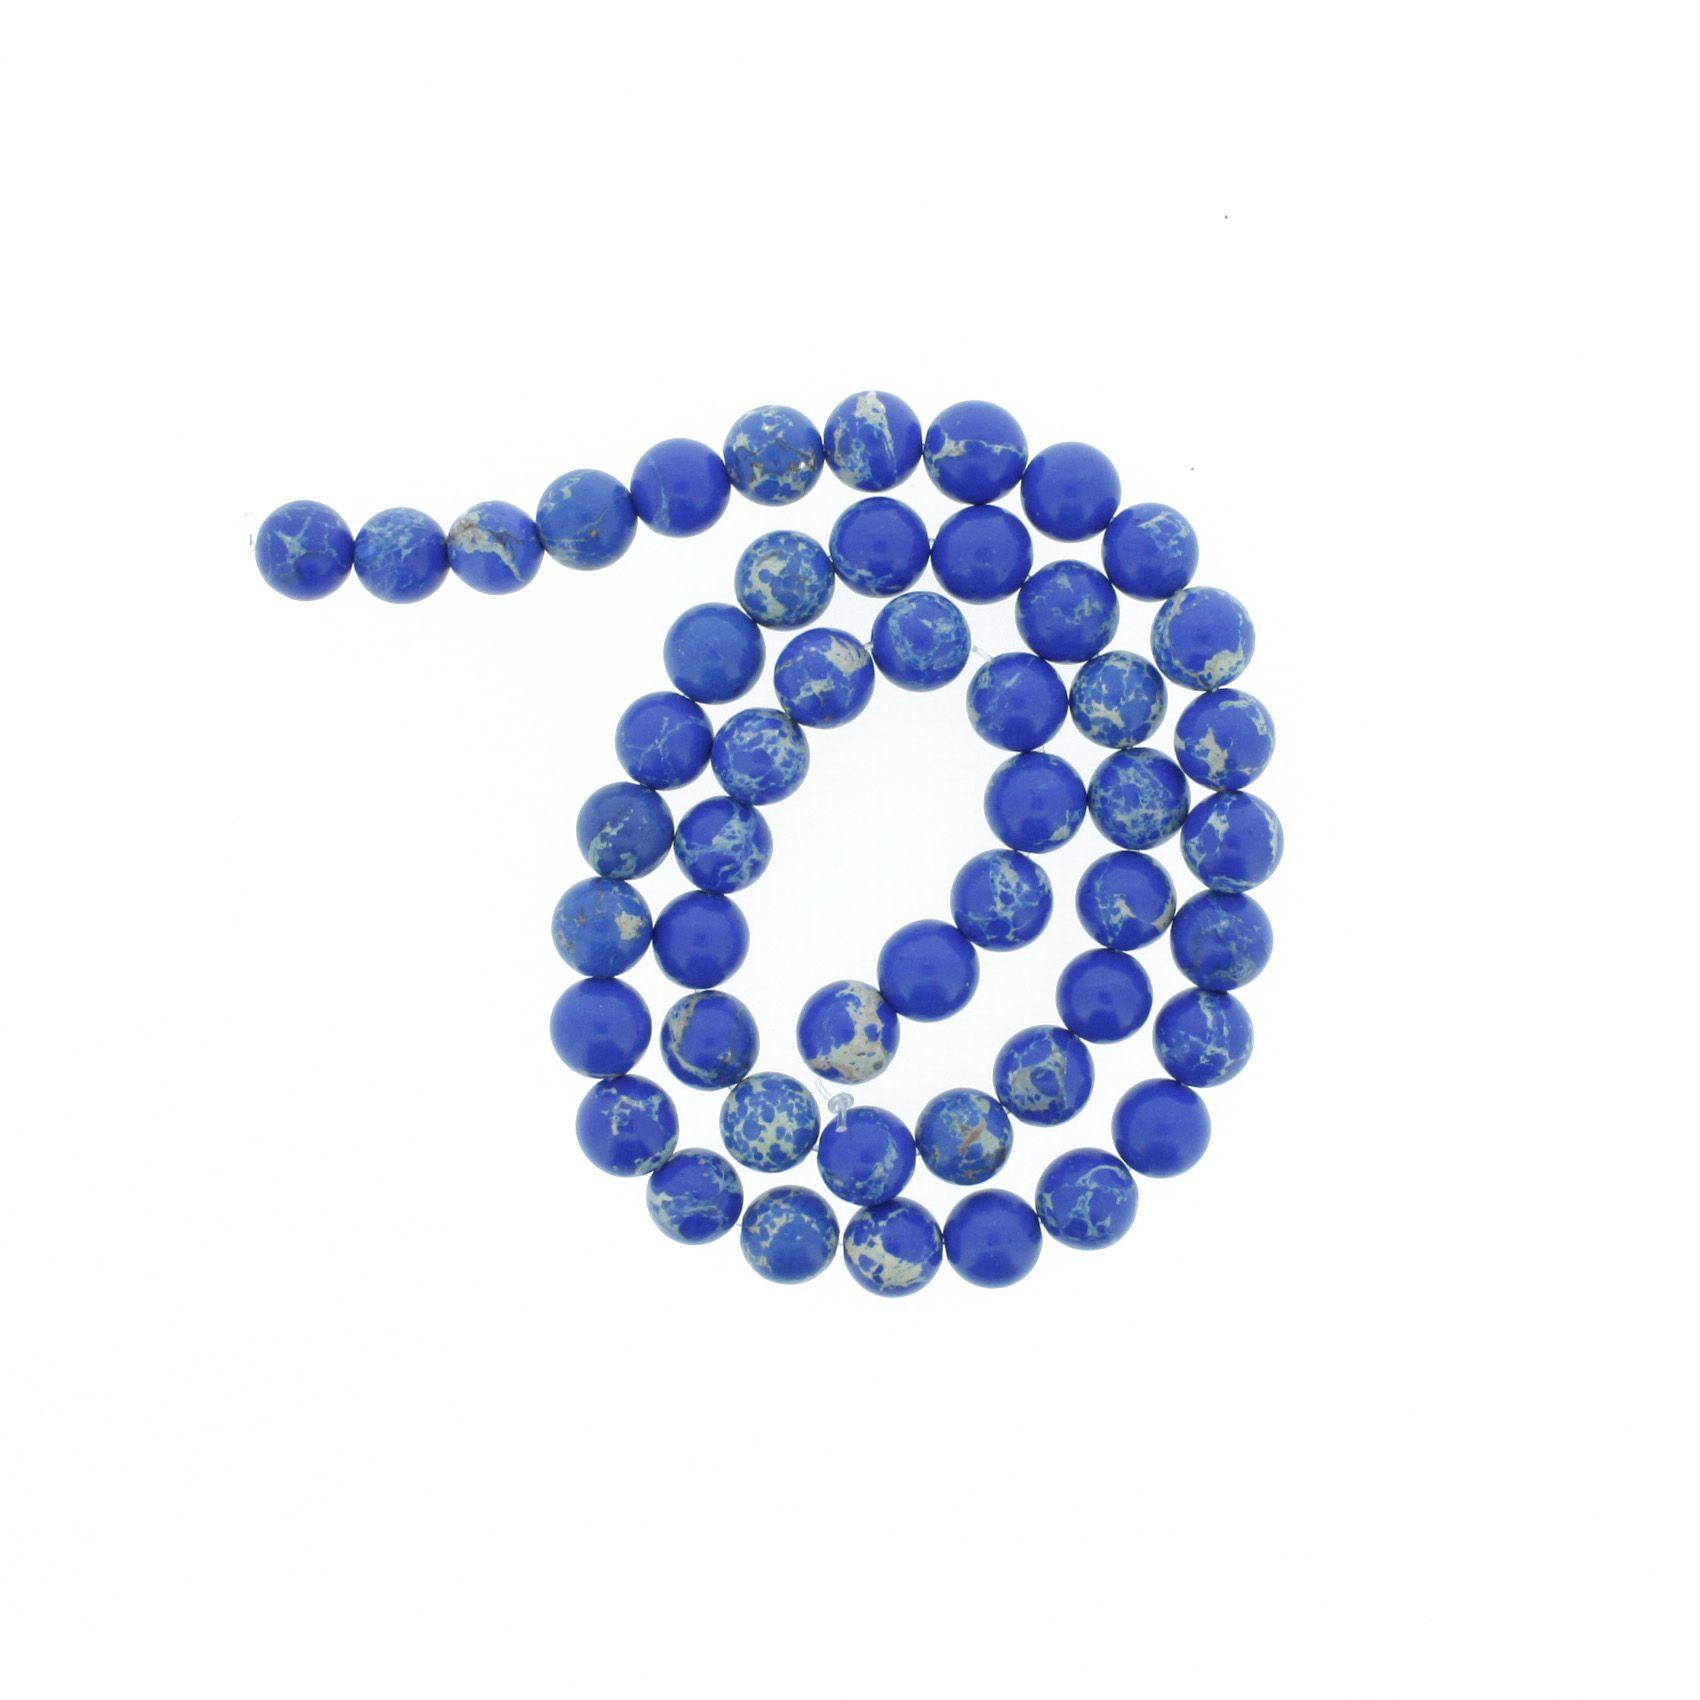 Fio de Pedra - Pietra® - Jaspe Imperial Azul - 8mm  - Universo Religioso® - Artigos de Umbanda e Candomblé